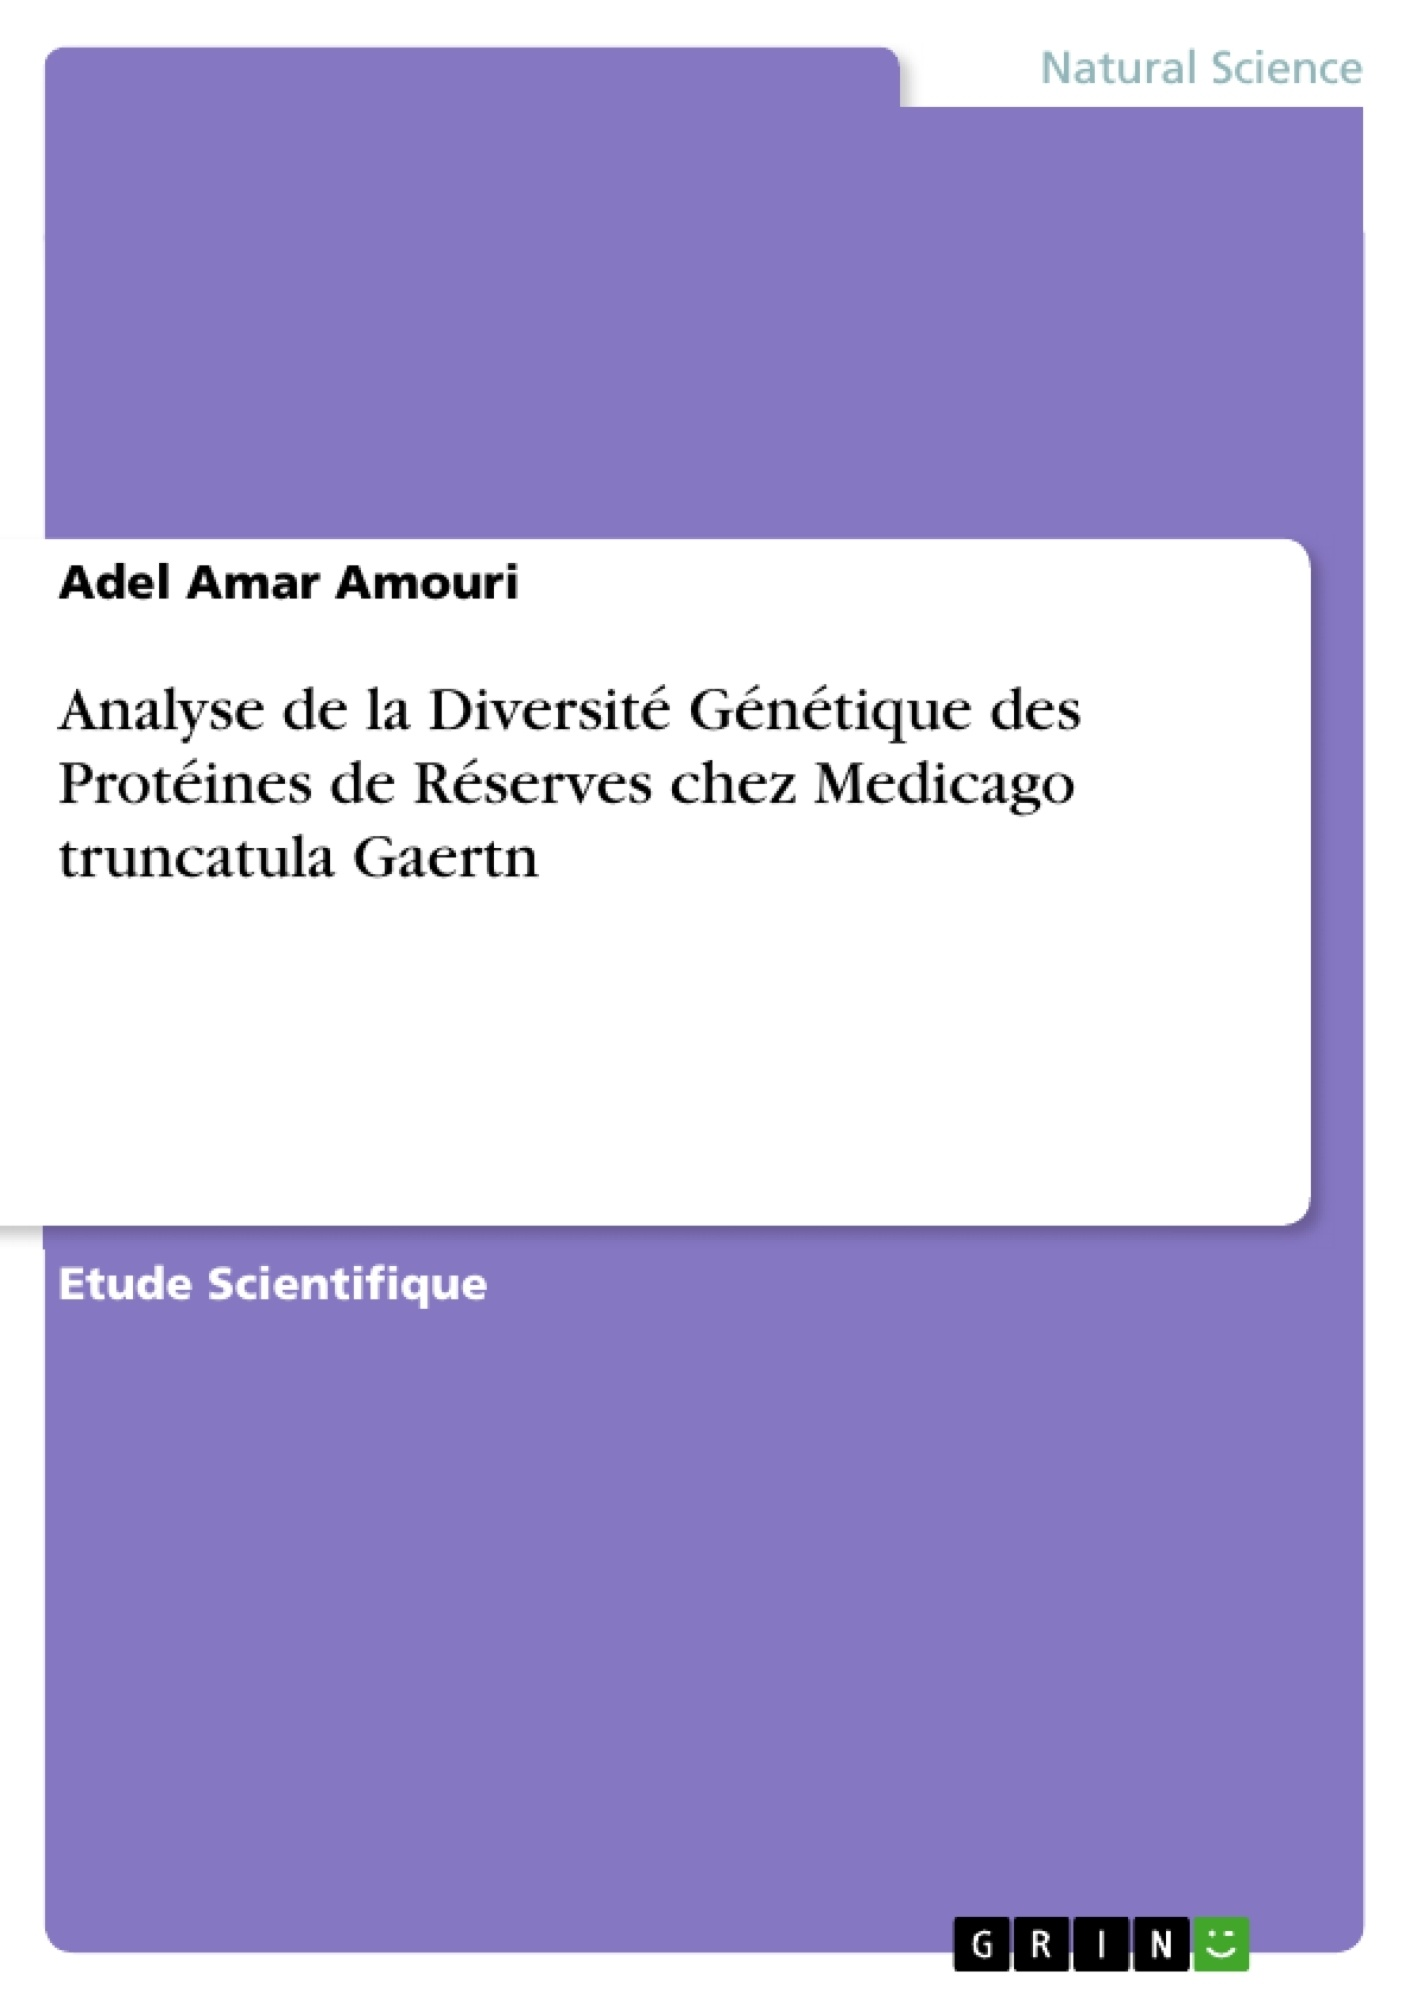 Titre: Analyse de la Diversité Génétique des Protéines de Réserves chez Medicago truncatula Gaertn